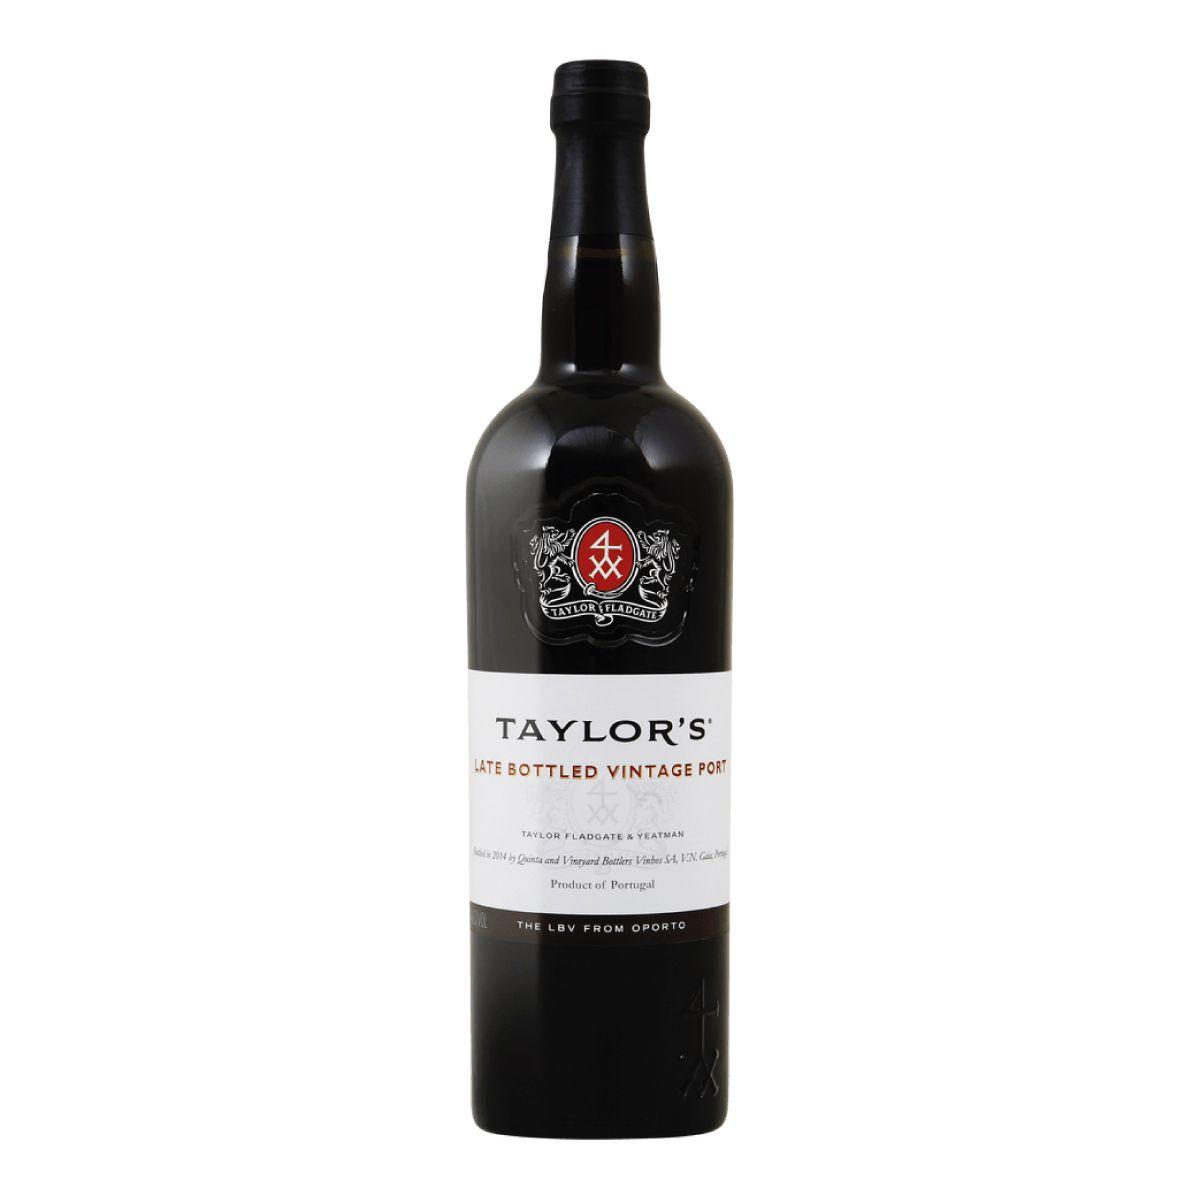 Vinho do Porto Taylor's LBV (Late Bottled Vintage)